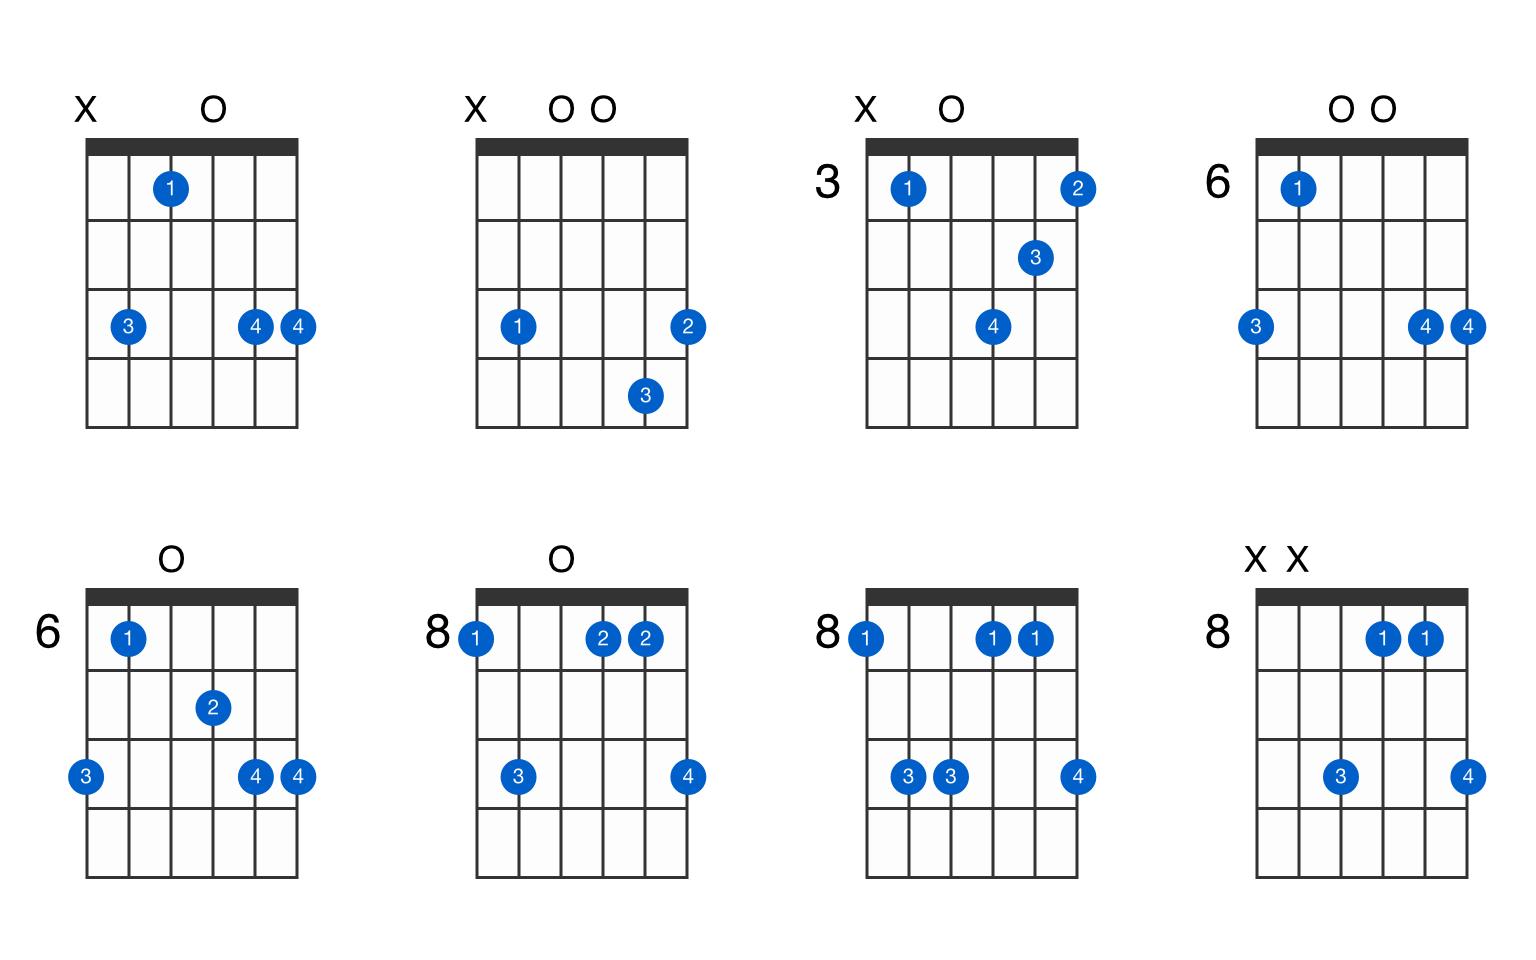 C minor add 15 guitar chord   GtrLib Chords